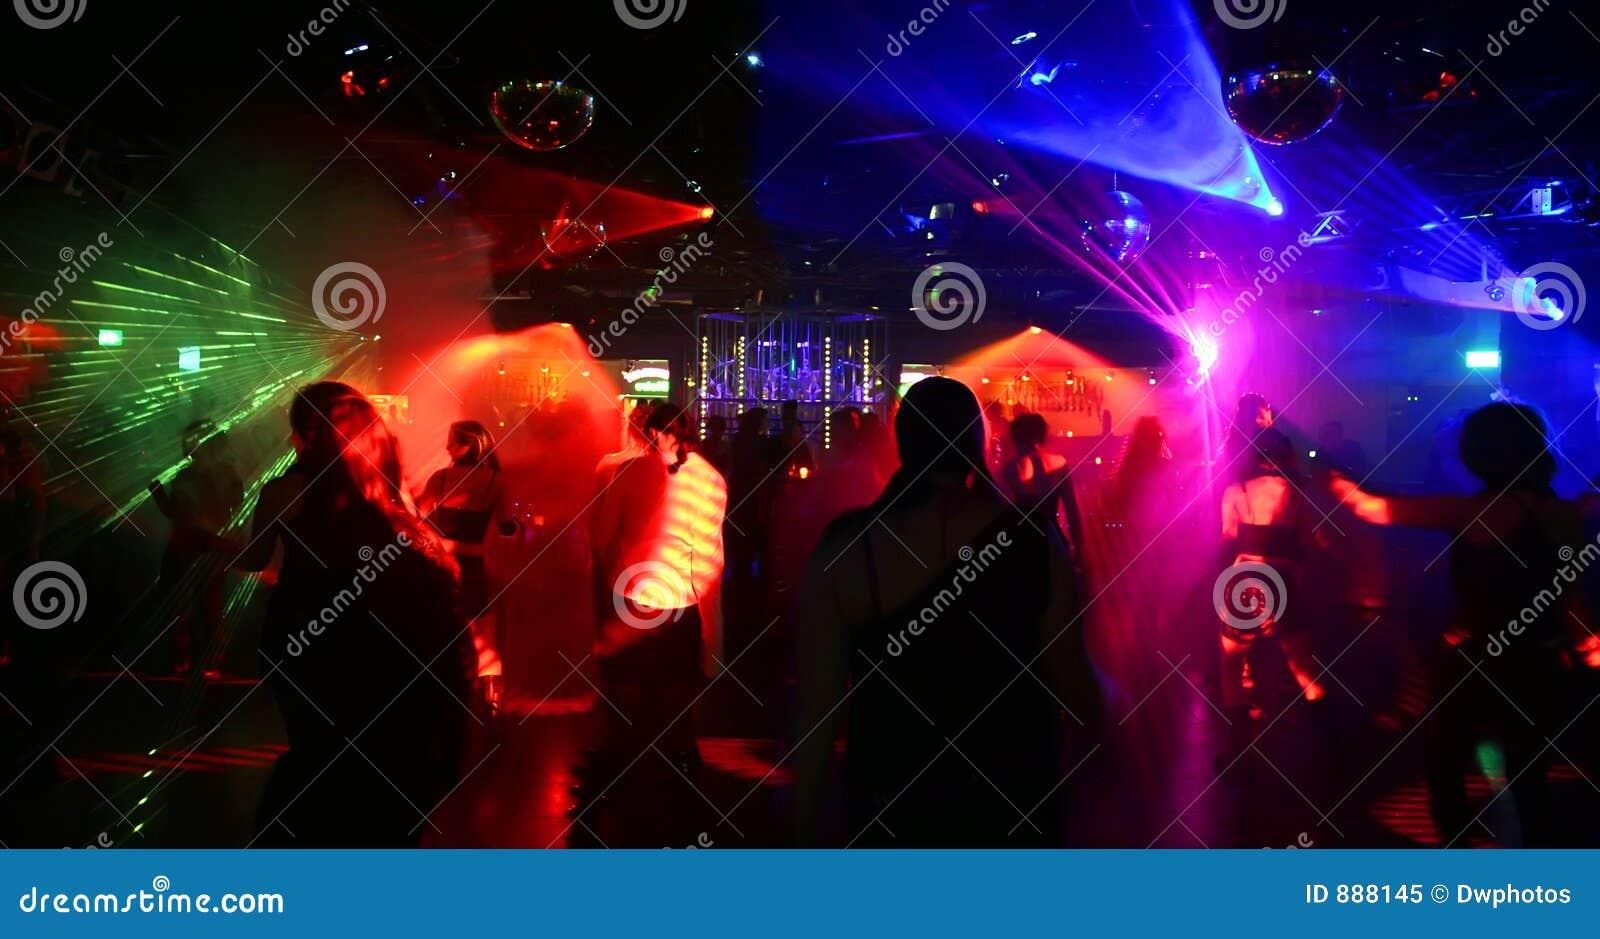 跳舞的极其人员生动描述广角